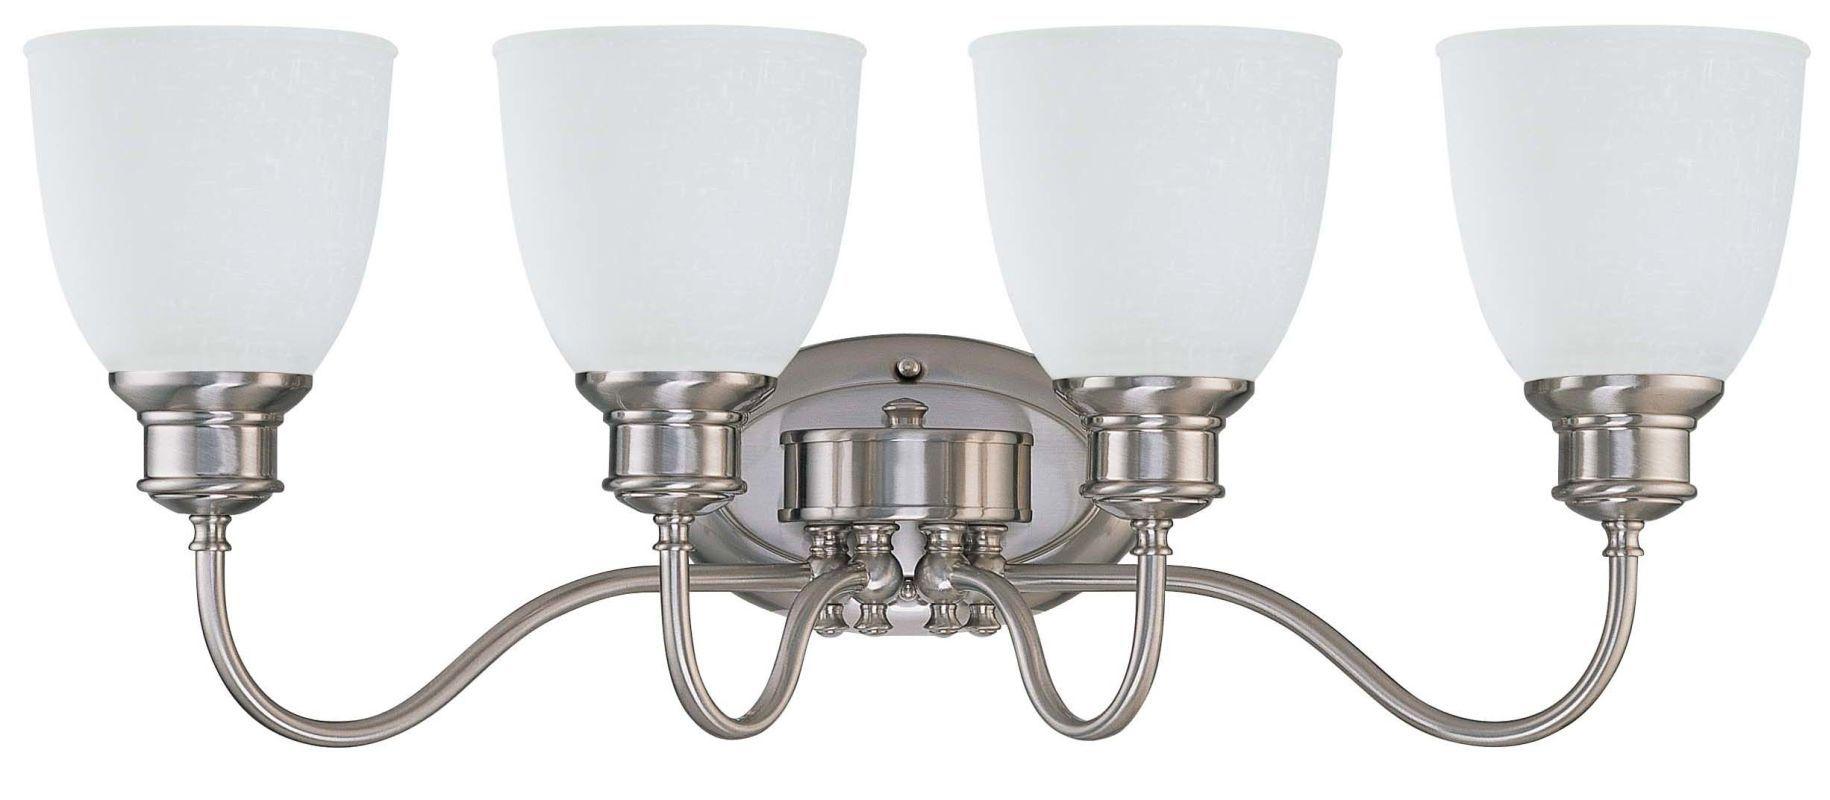 """Nuvo Lighting 60/2802 Bella 4 Light 26.5"""" Wide Vanity Light with Frosted Linen G Brushed Nickel Indoor Lighting Bathroom Fixtures Vanity Light"""